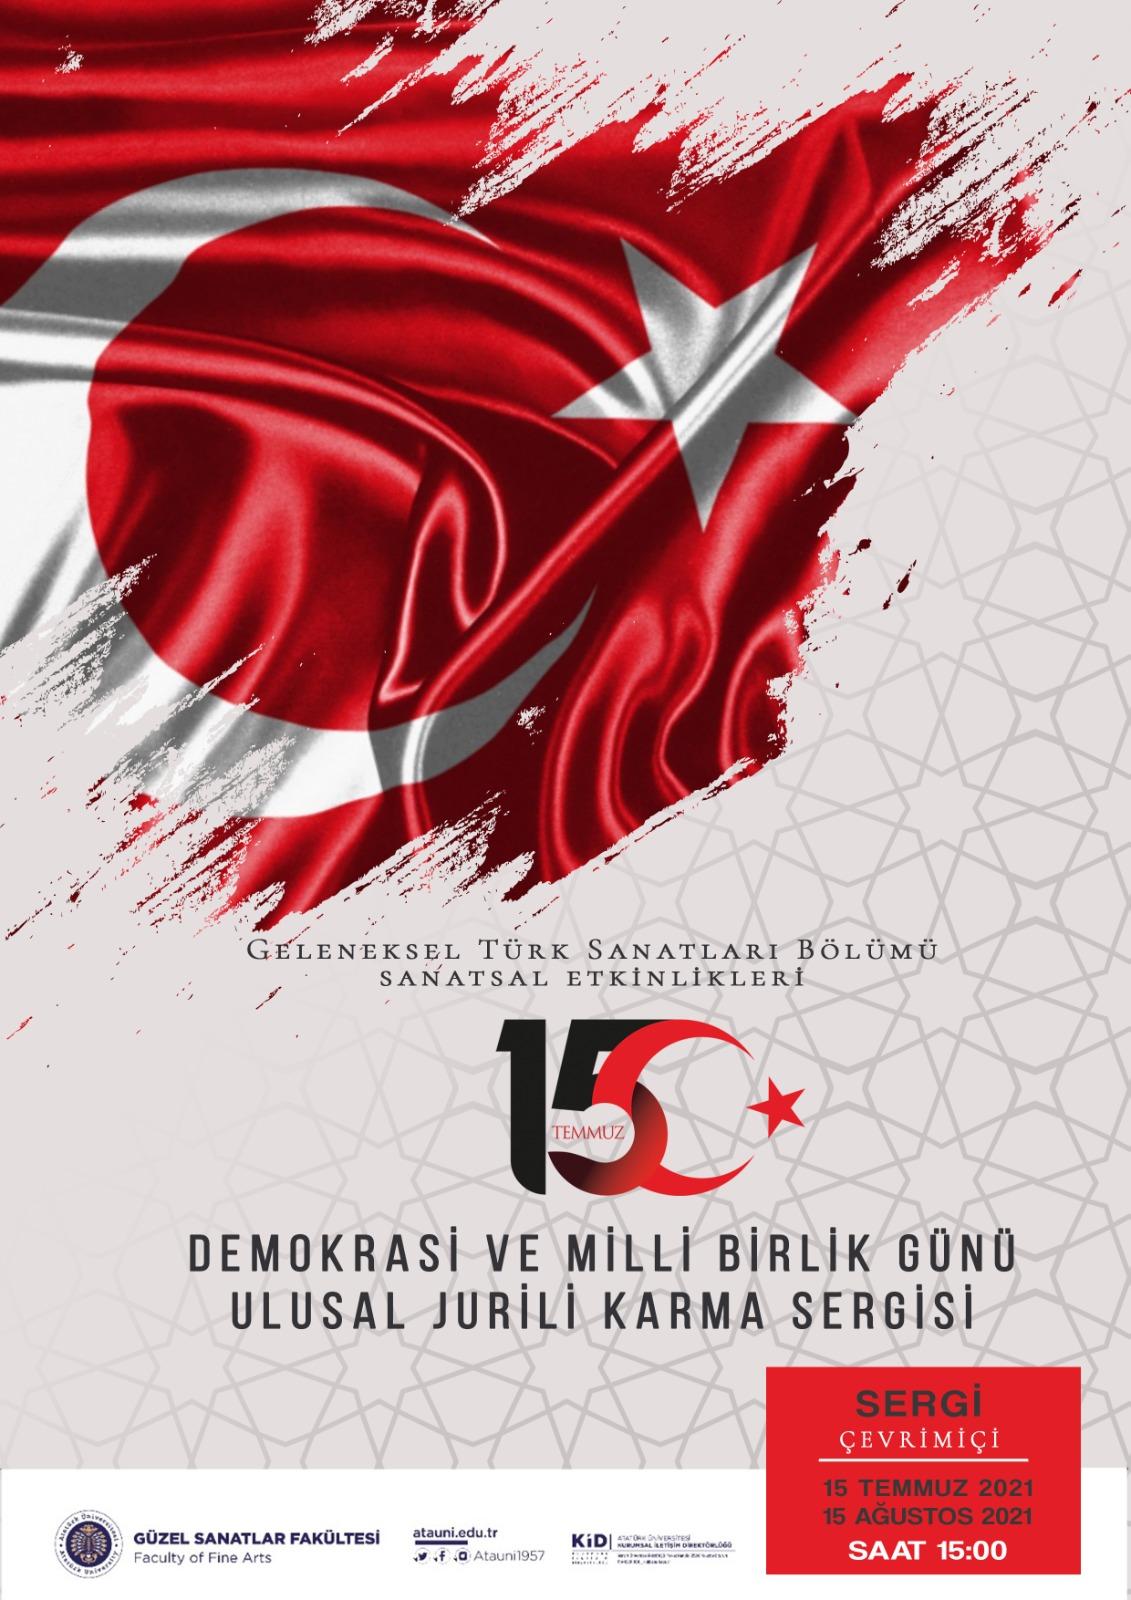 Demokrasi ve Milli Birlik Günü Ulusal Jurili Karma Sergi